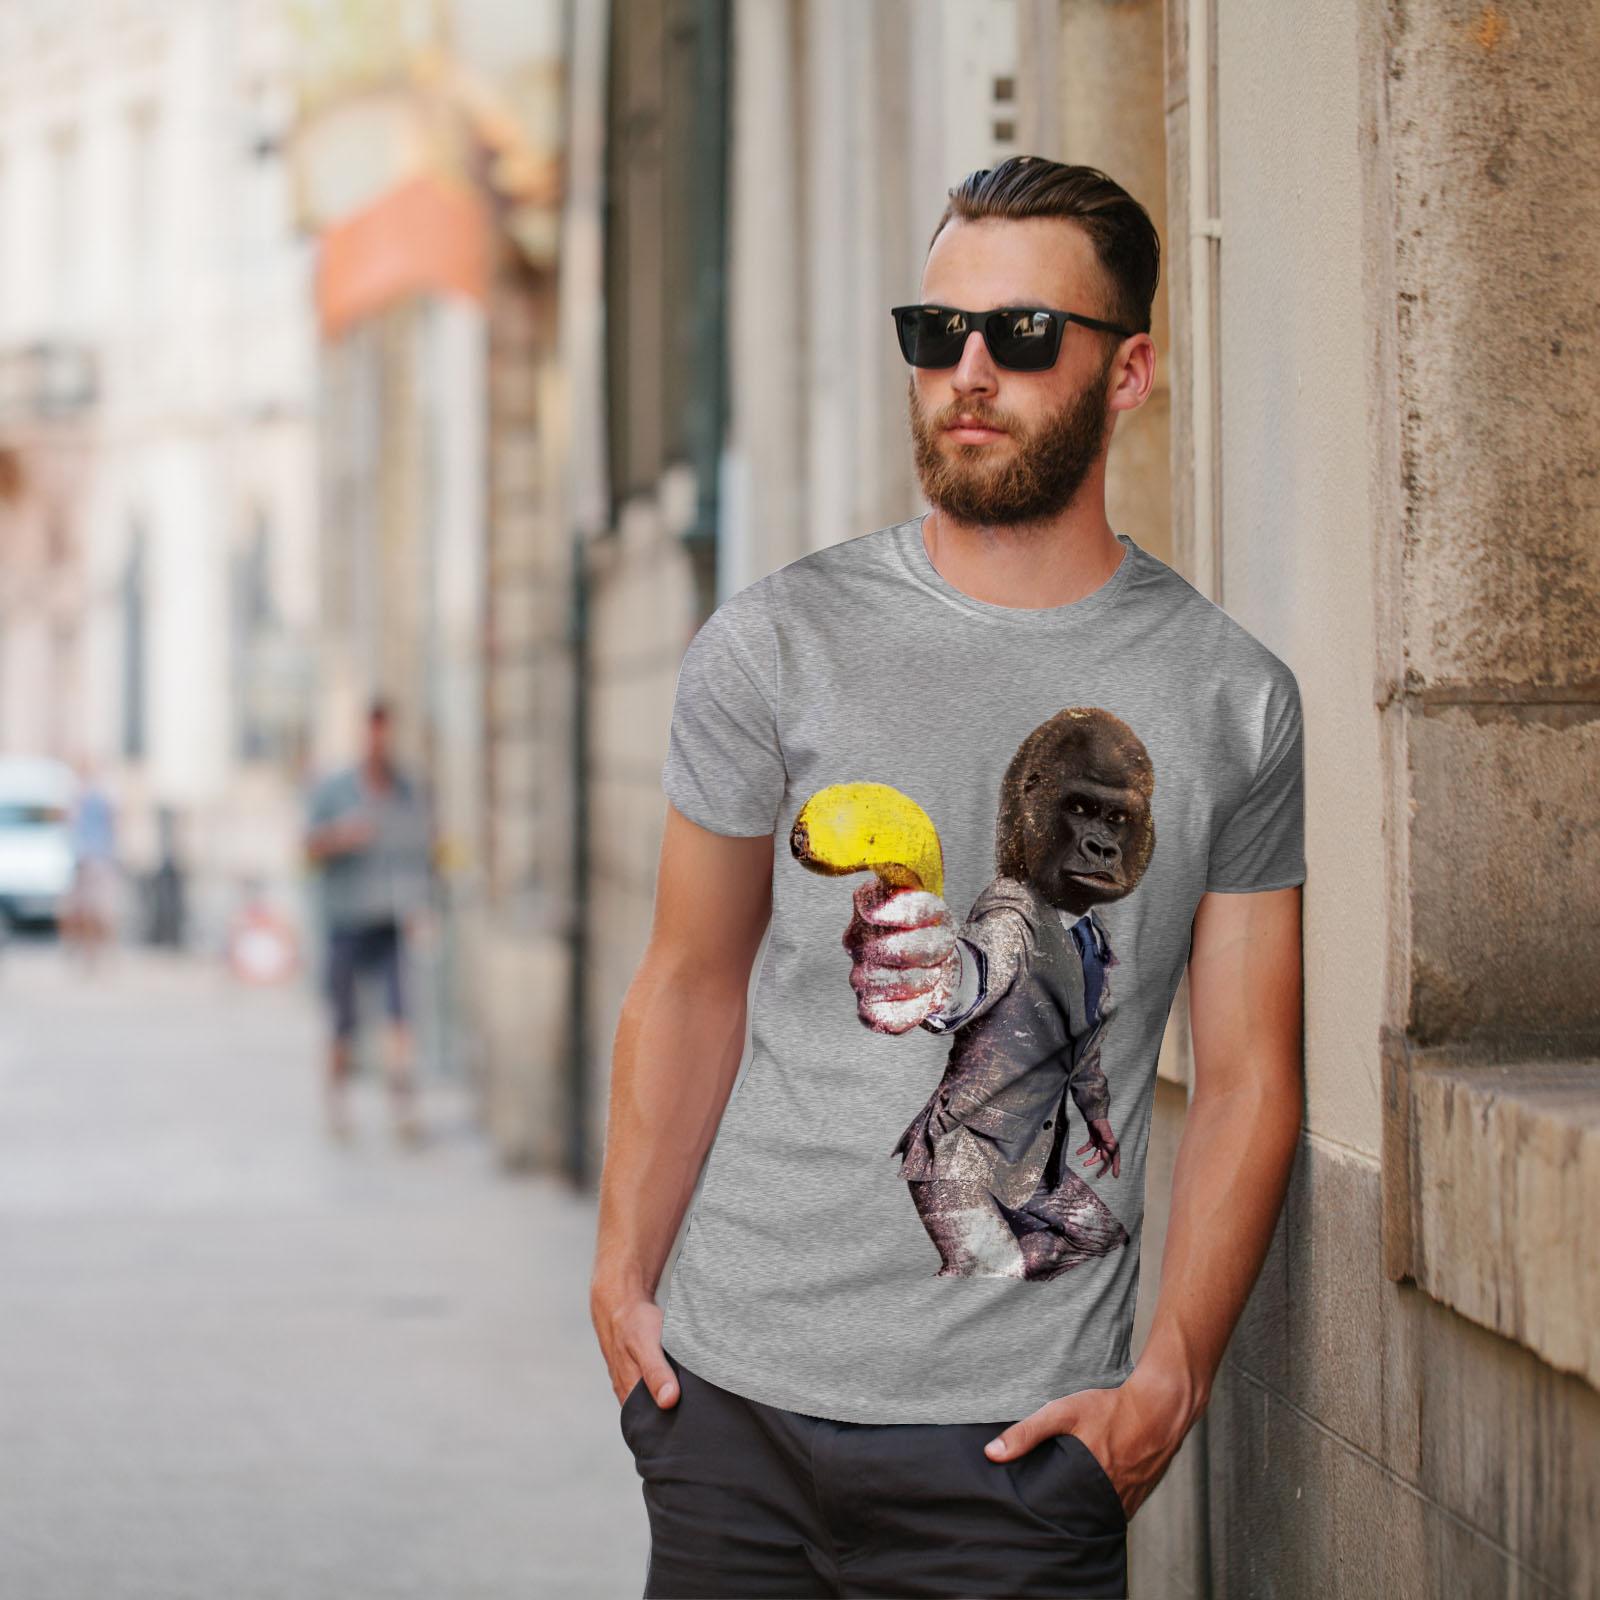 Wellcoda Monkey Gun Beast Mens T-shirt Monkey Graphic Design Printed Tee